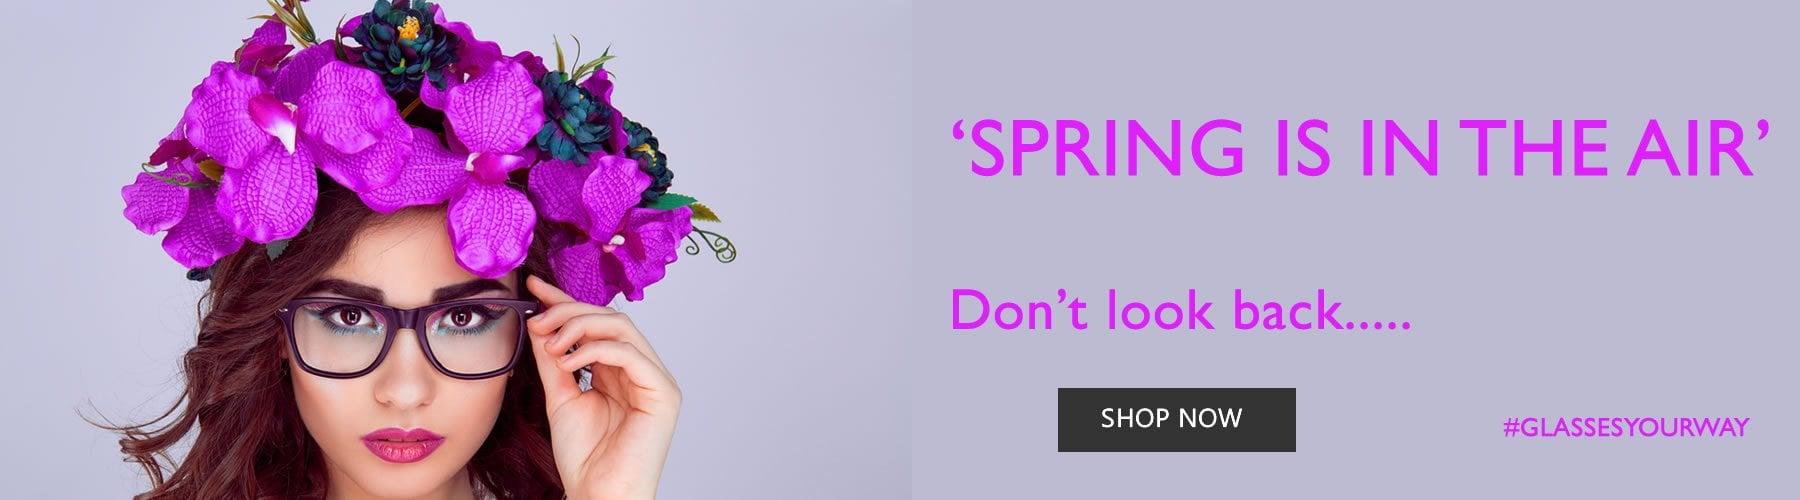 Spring Glasses Promo